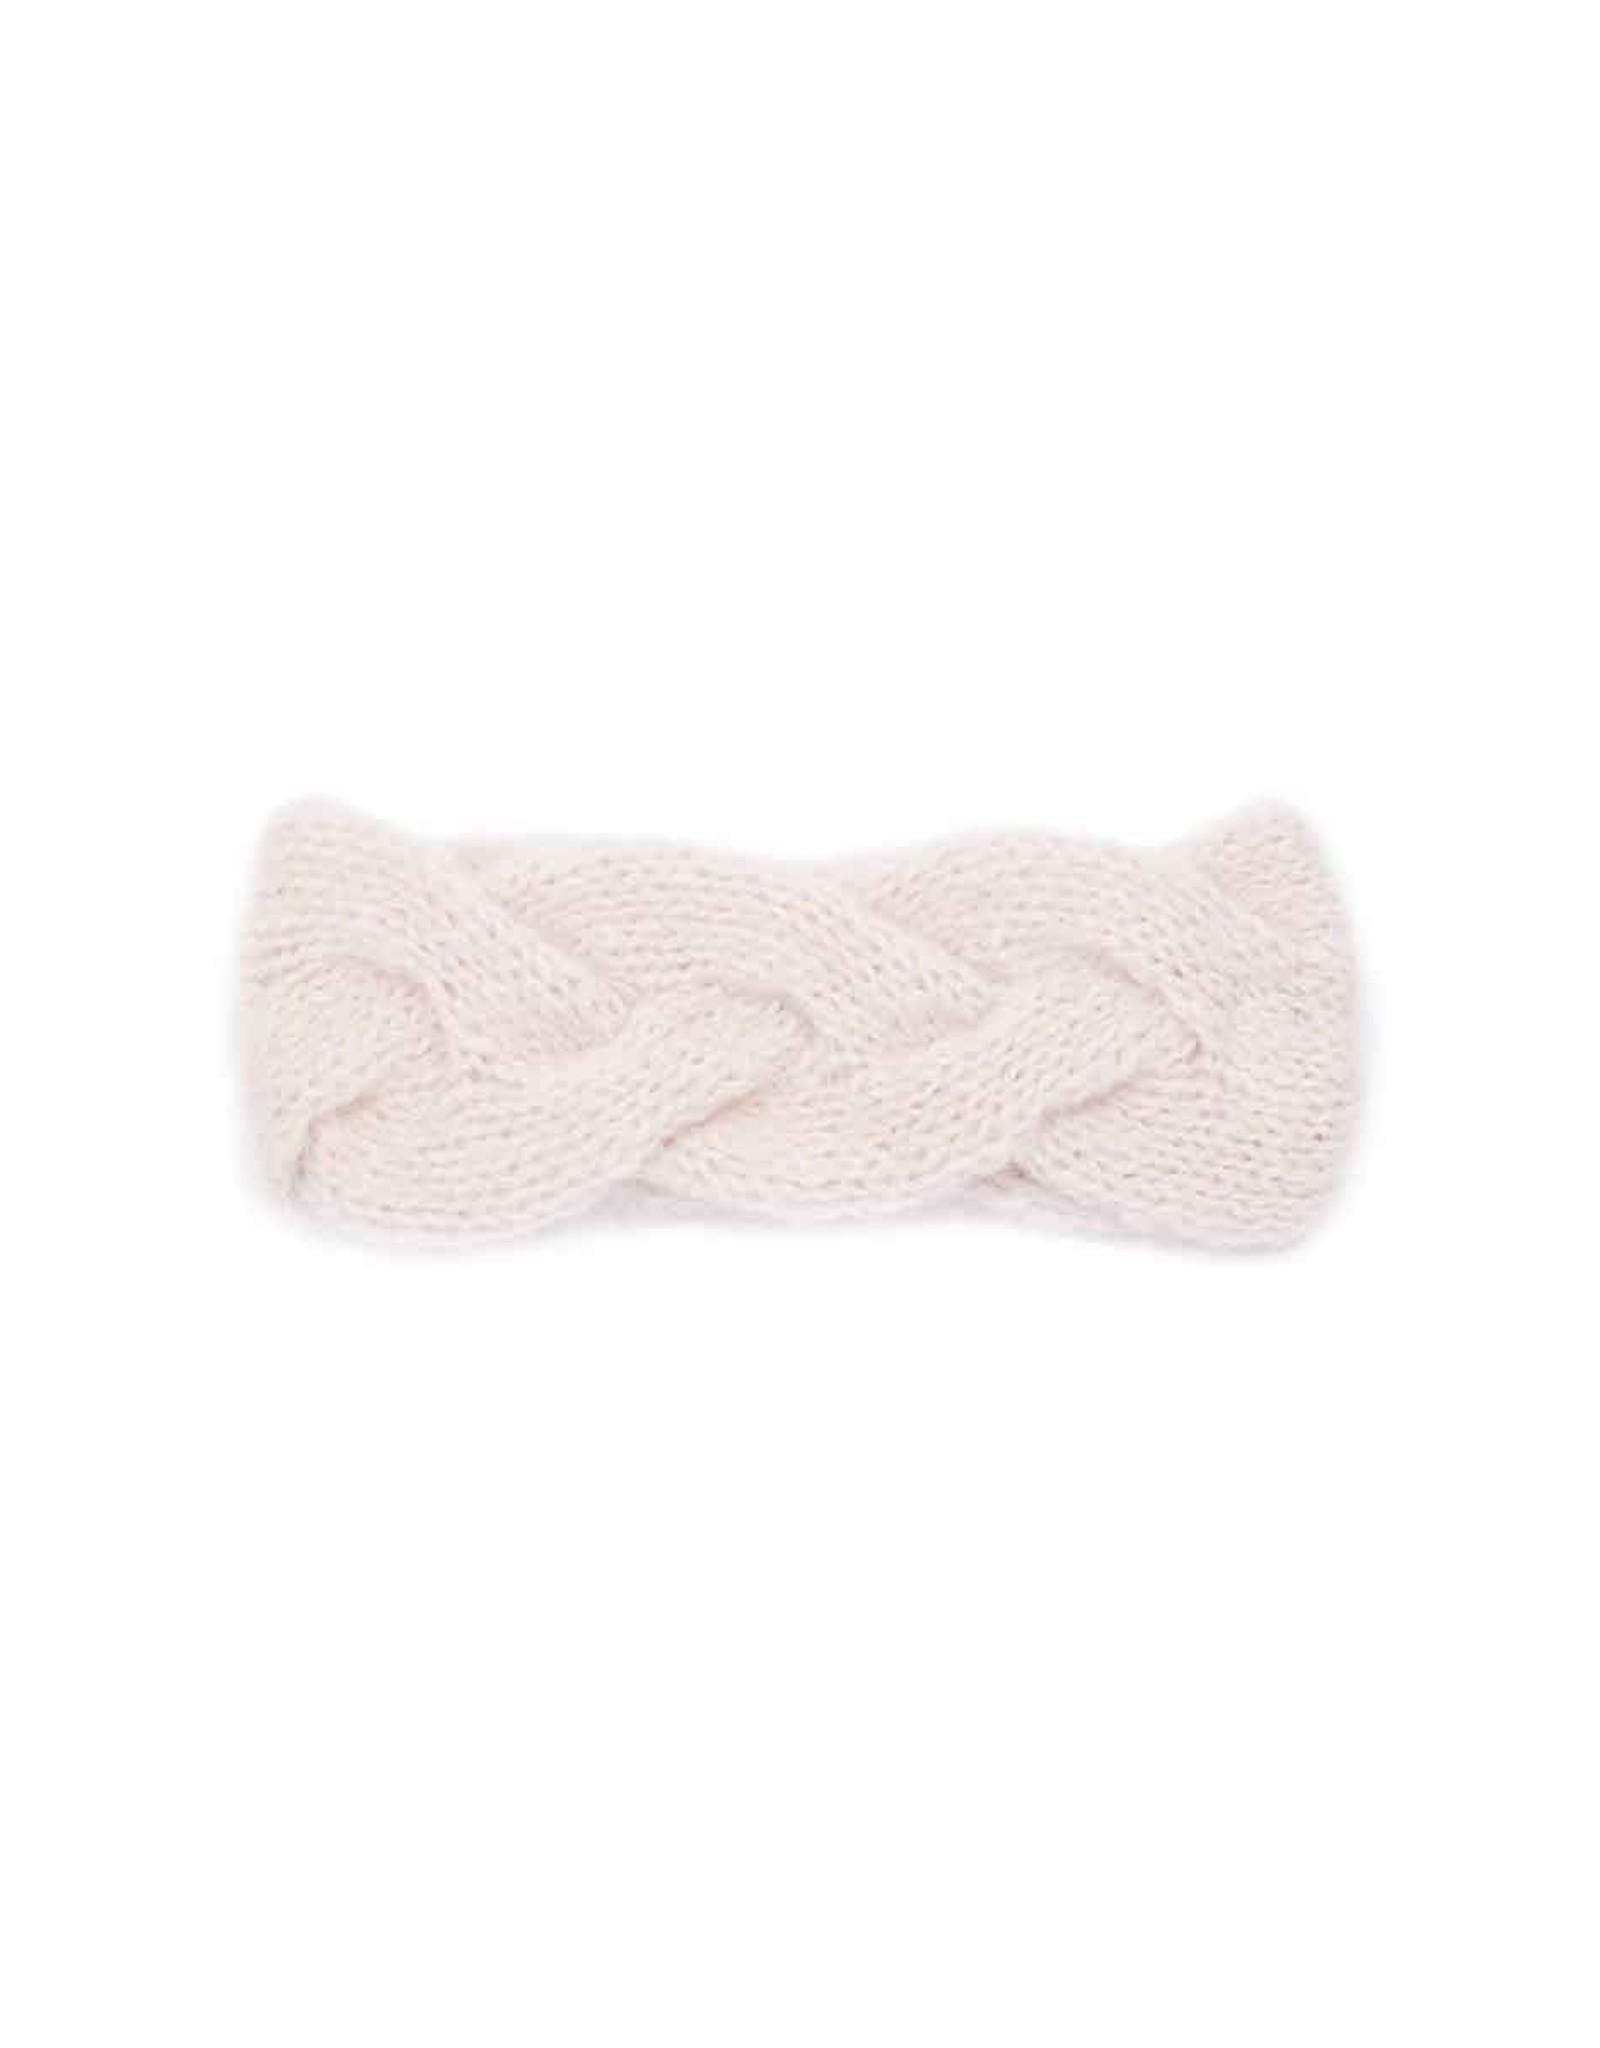 Merle Mohair Headband